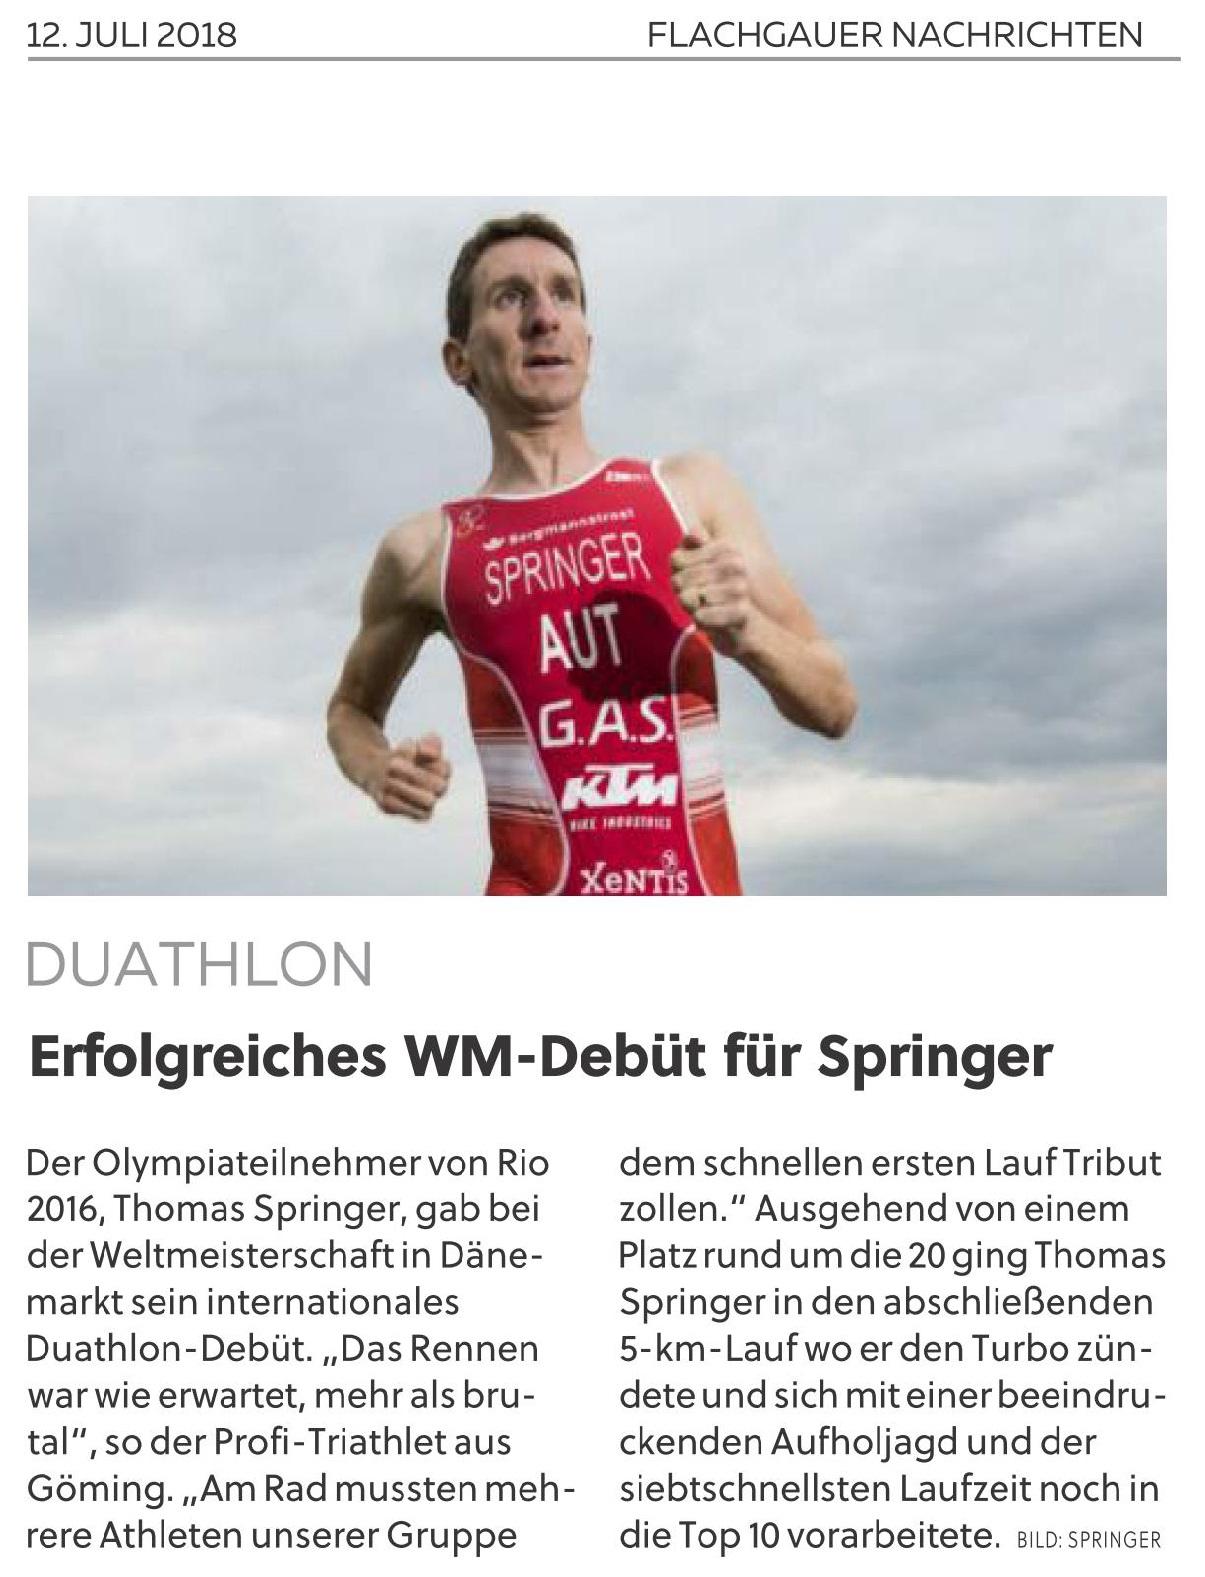 Presse SN Flachgauer Nachrichten mit Kopfzeile.jpg